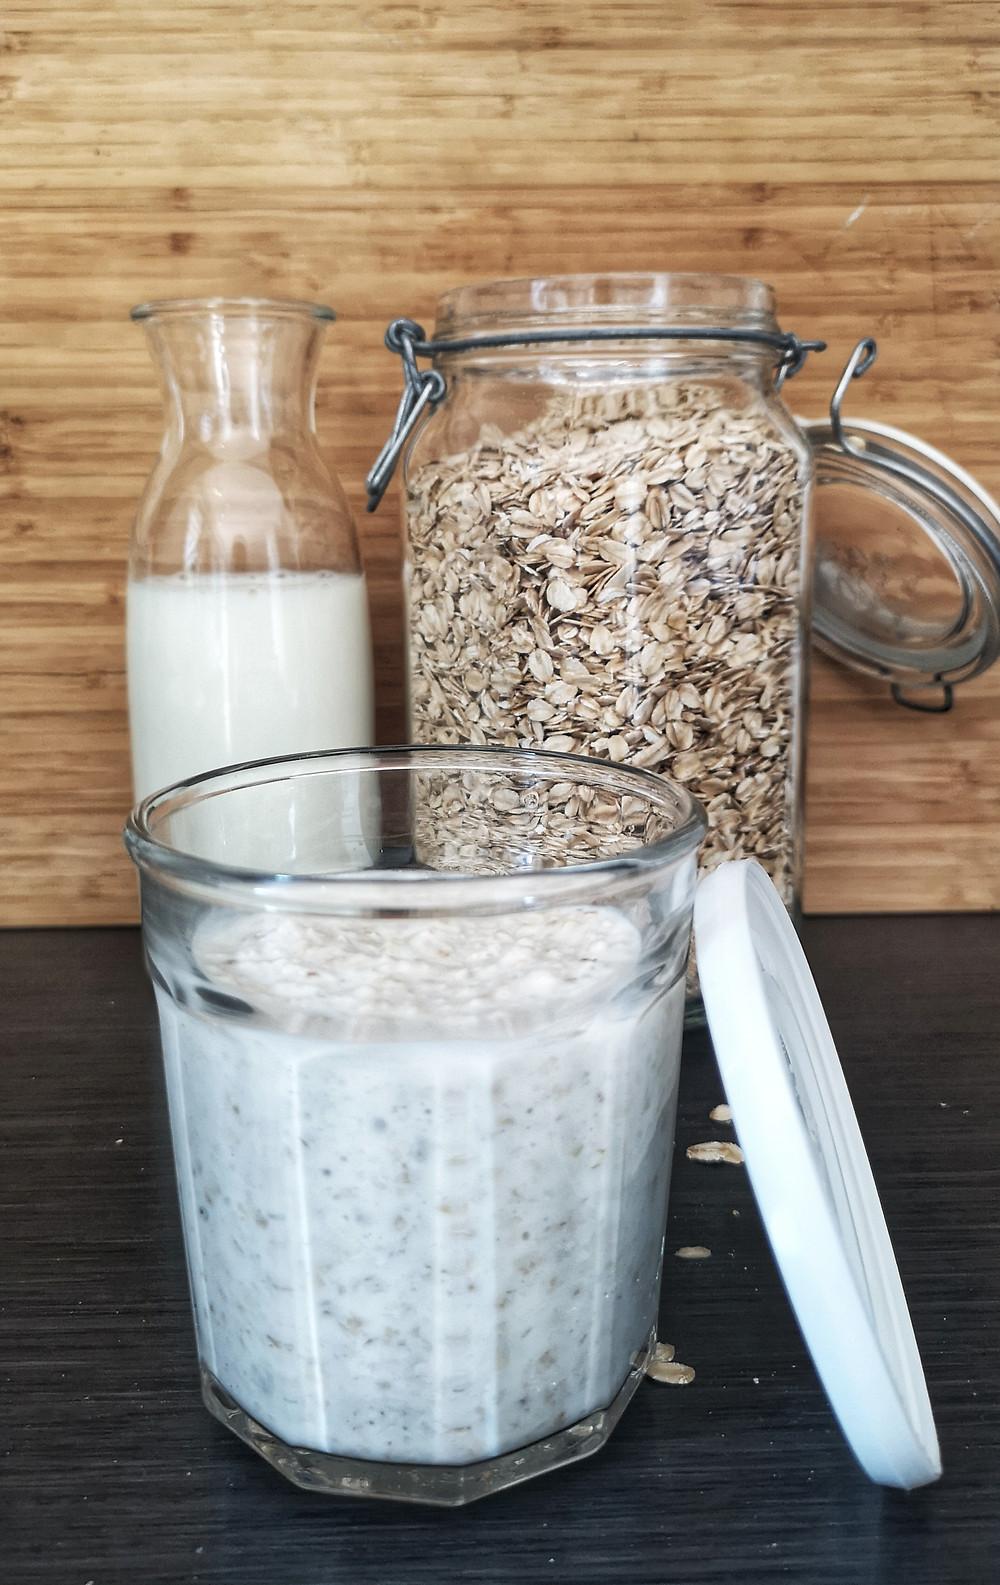 Kjøleskapsgrøt (Overnight-oats) av havregryn, lettmelk og biola.